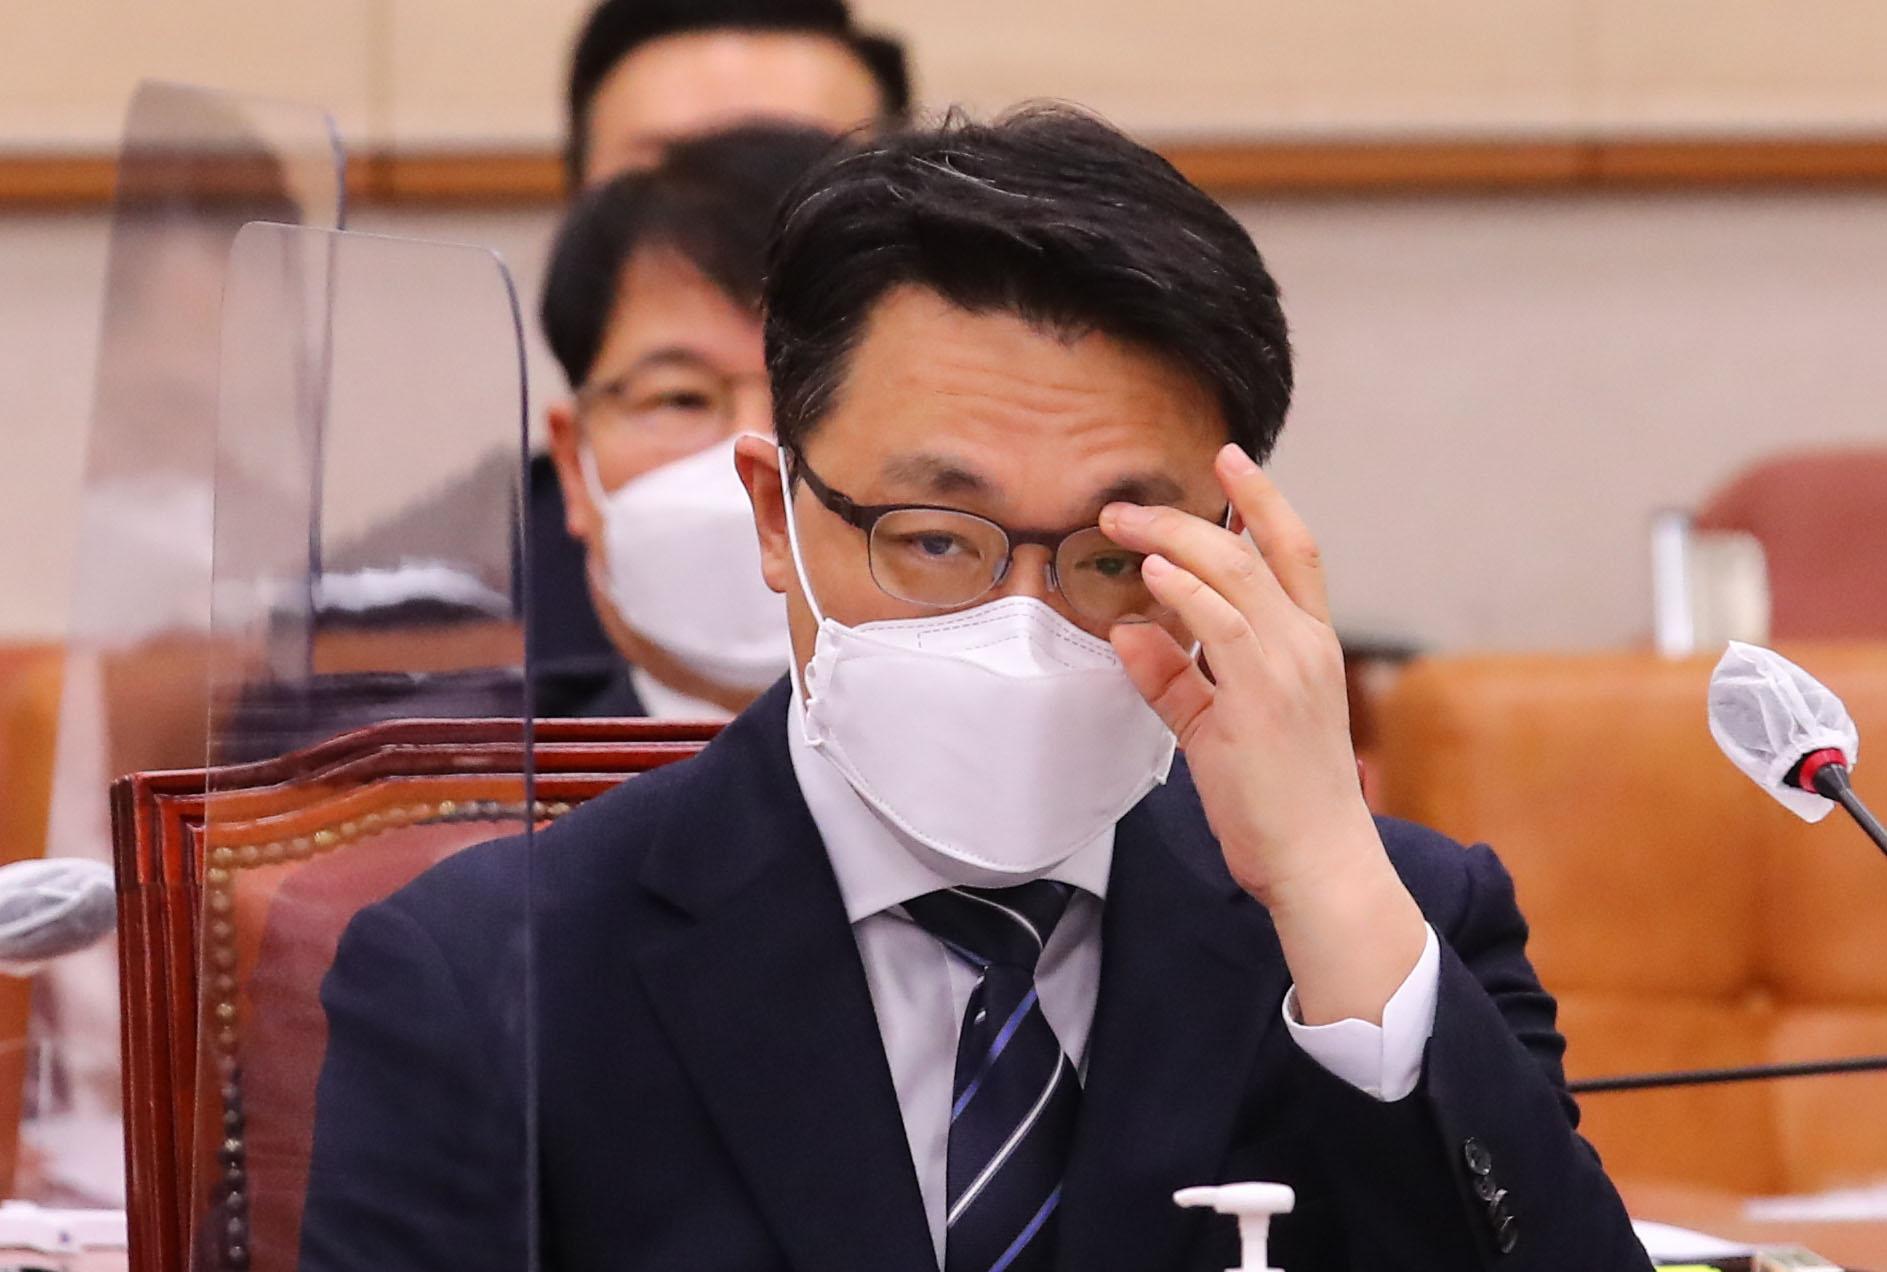 김진욱 고위공직자범죄수사처(공수처) 처장. 오종택 기자